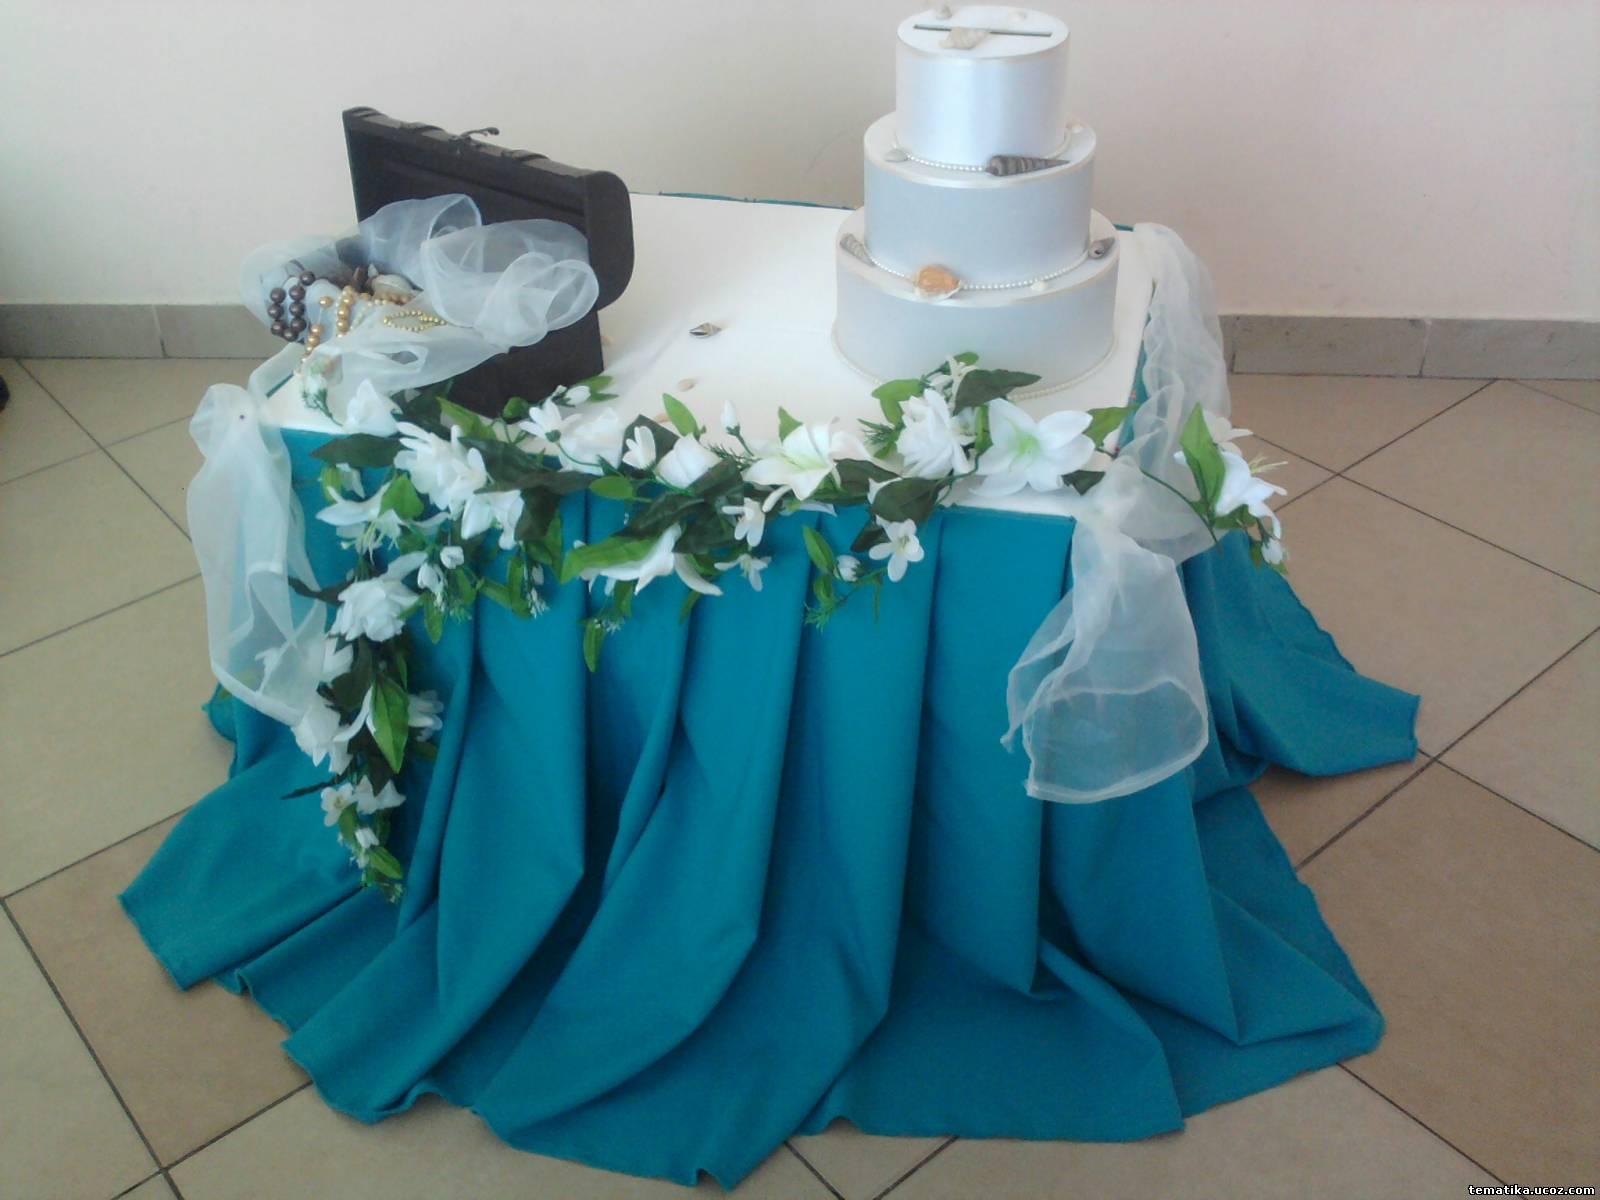 Стол для подарков на свадьбу